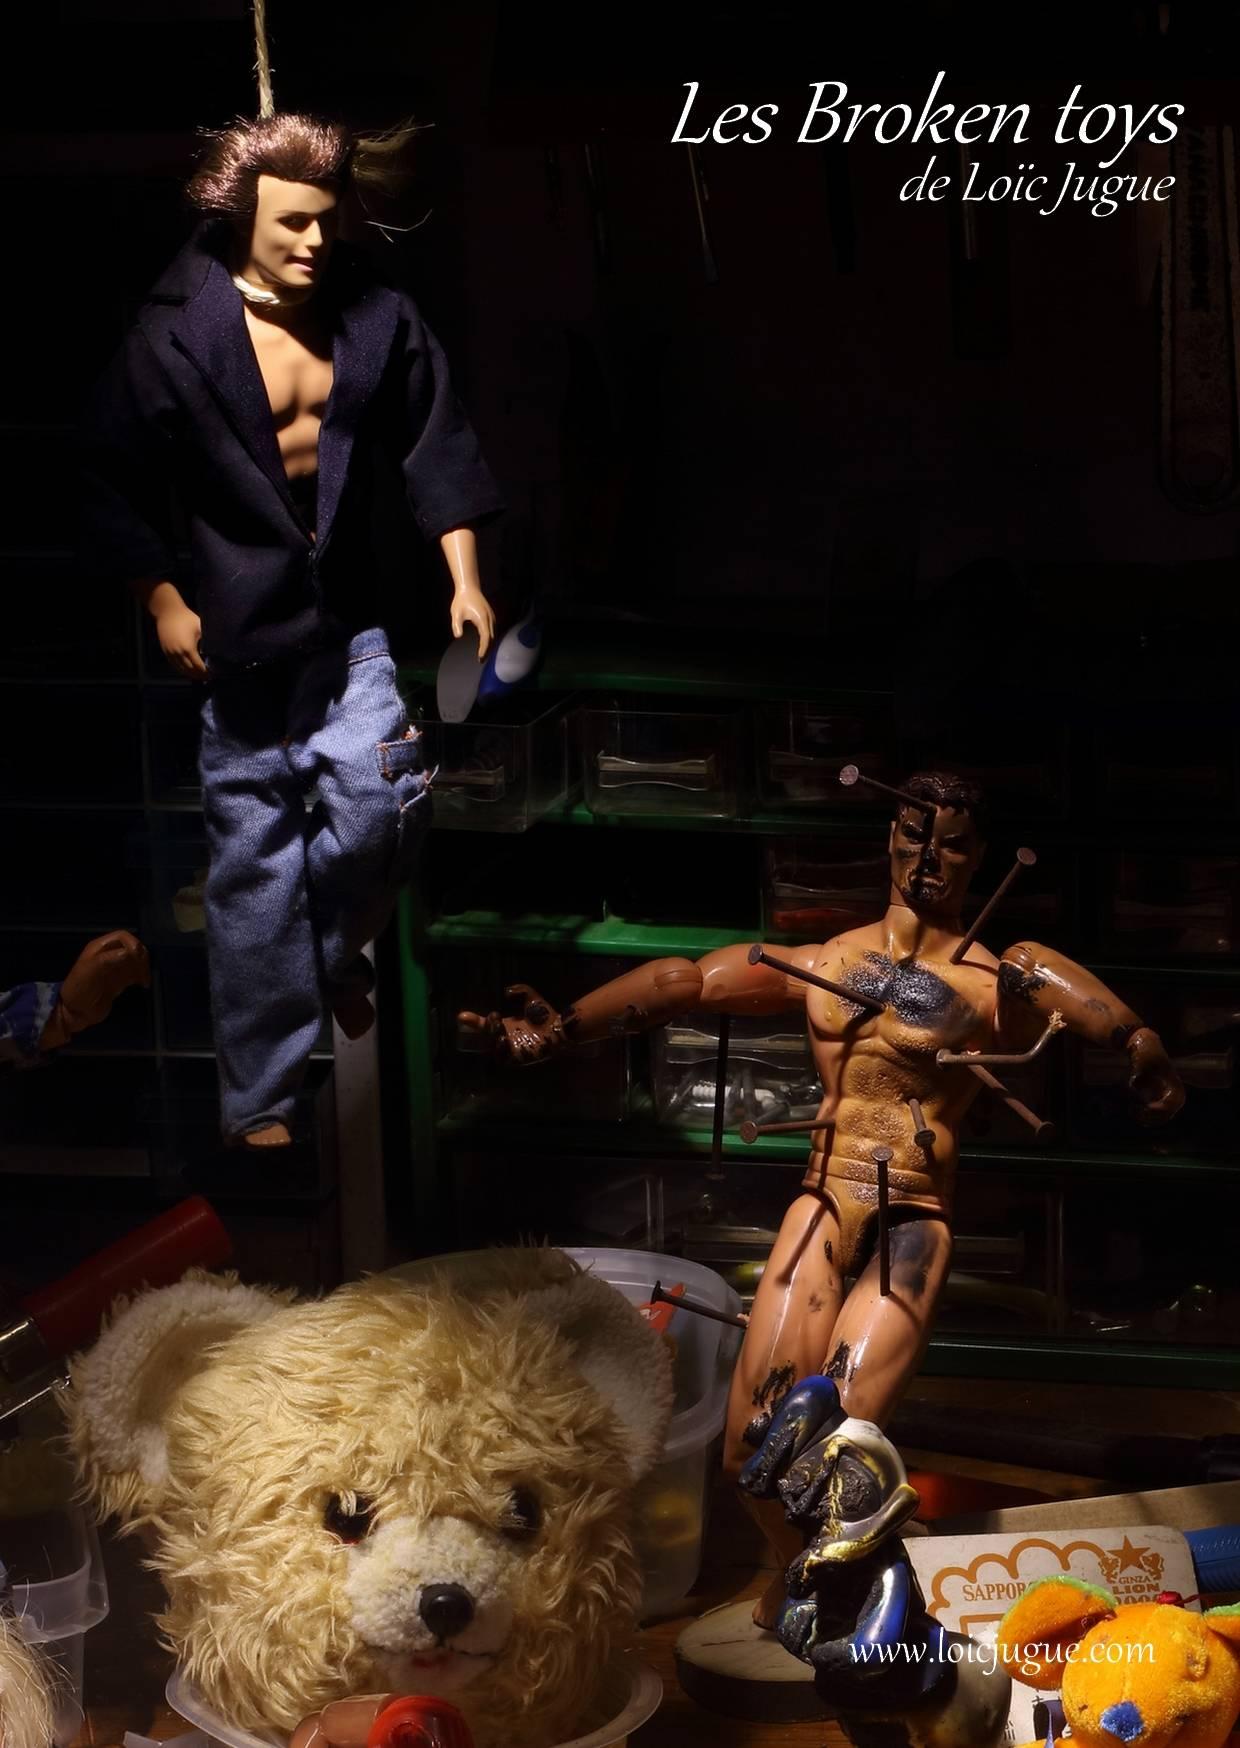 Les broken toys de Loïc Jugue: Le pendu